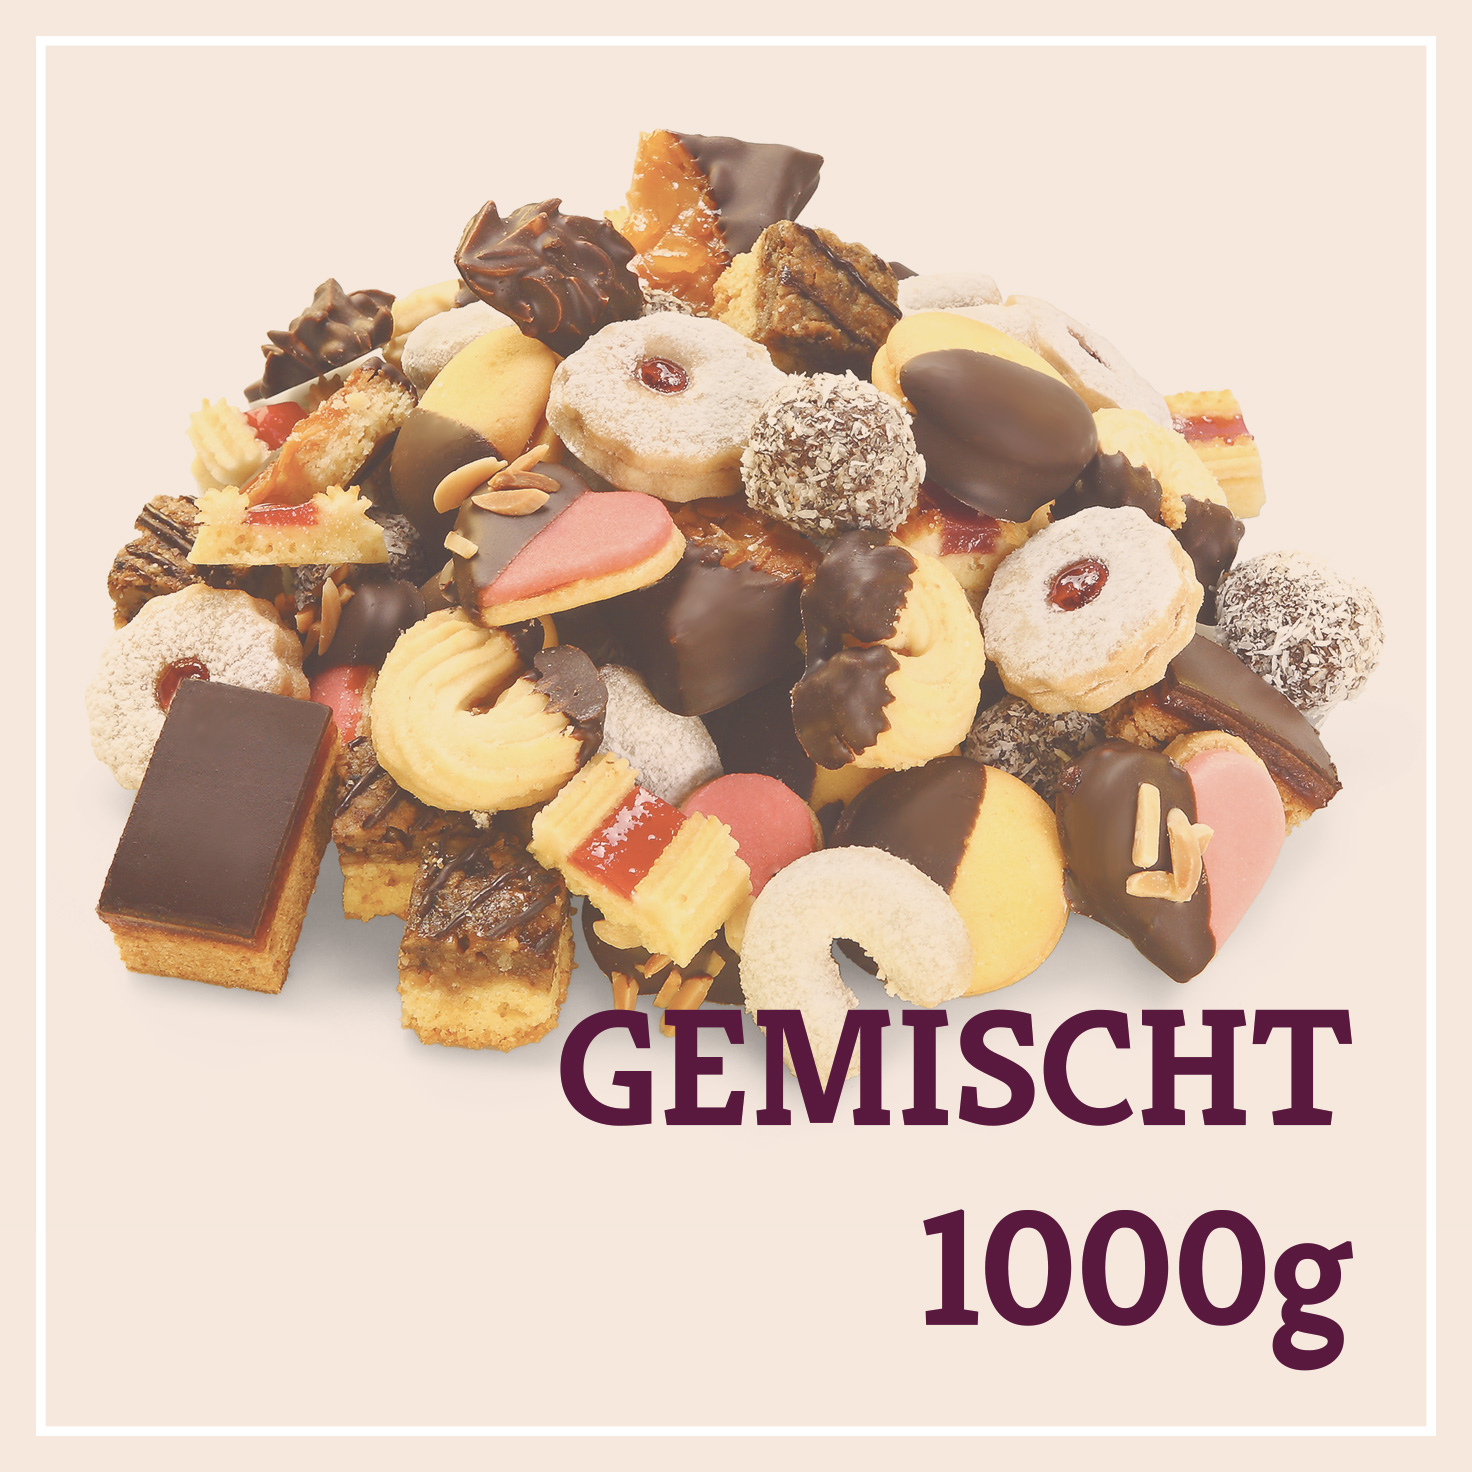 Heiss & Süß - Teebäckerei gemischt 1000g in der Plastikschale